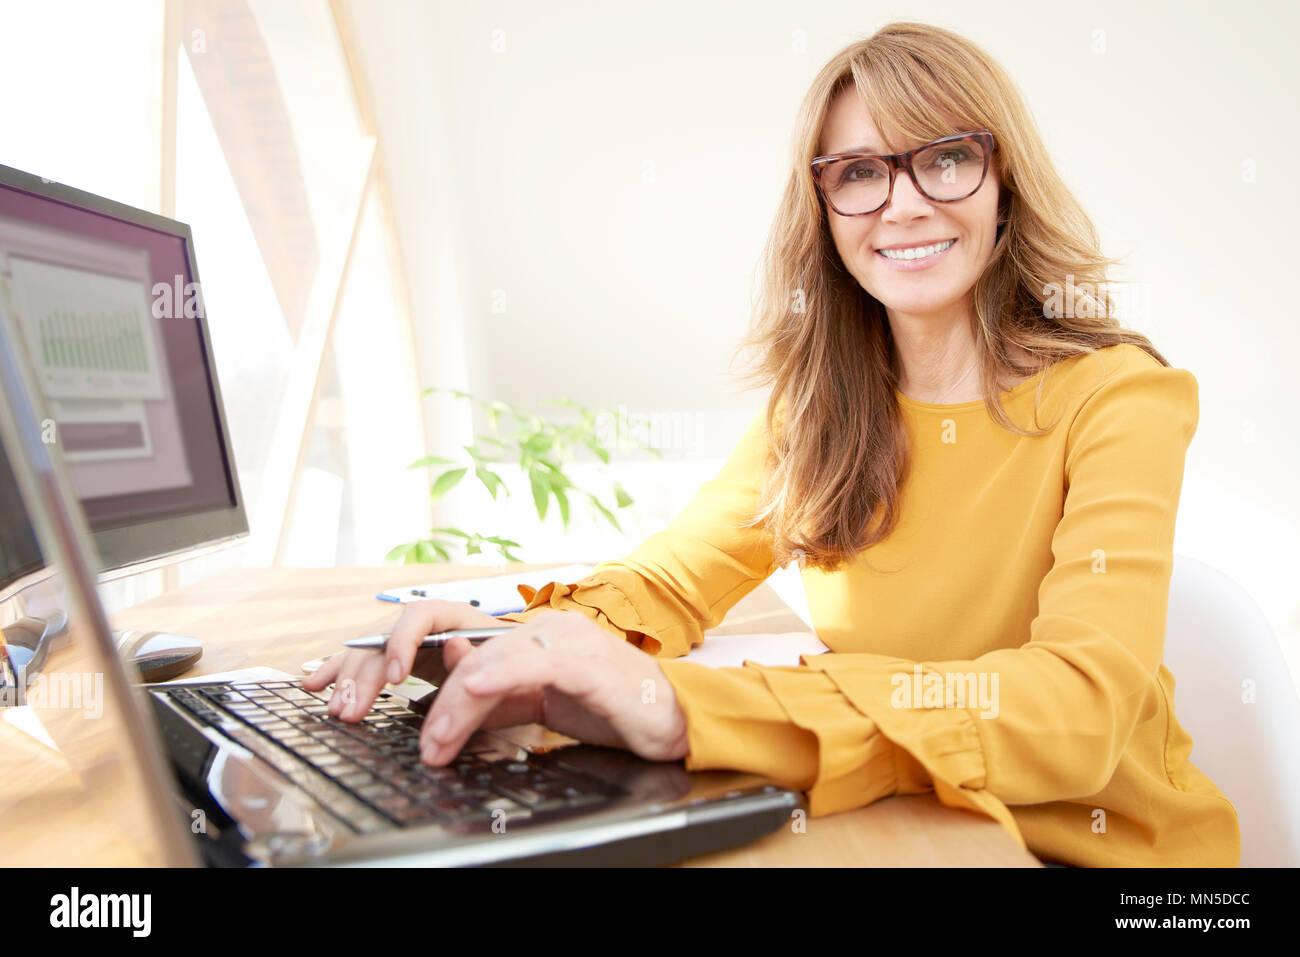 Retrato de una mujer de negocios de edad media sonriente escribiendo en el portátil mientras está sentado en la mesa y mirando a la cámara. La oficina en casa. Imagen De Stock